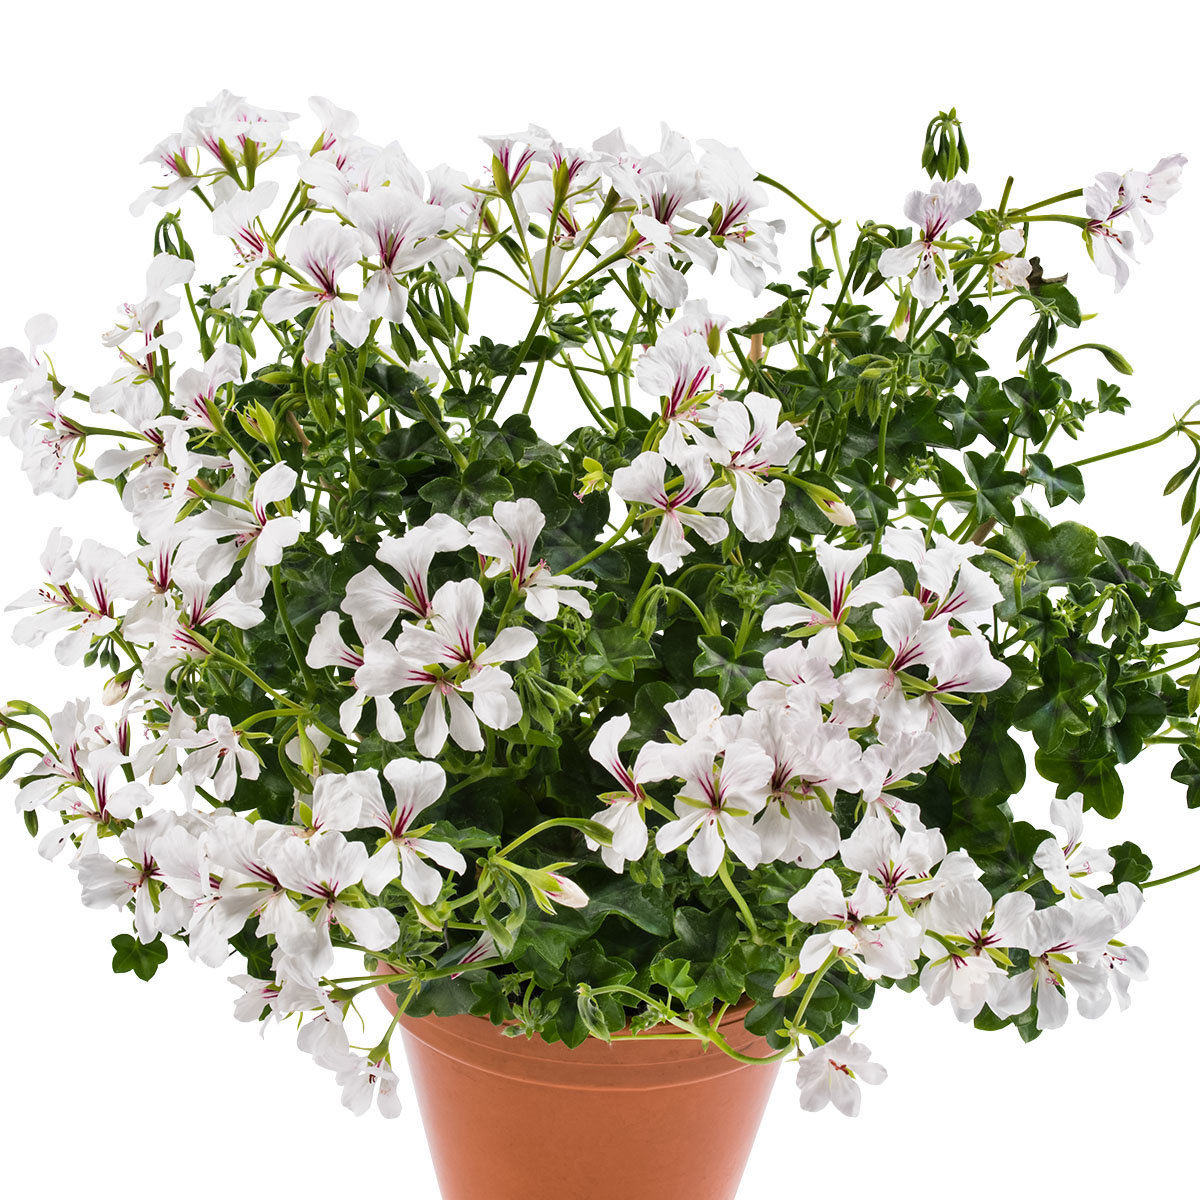 Sommerblumen-Set Hänge-Geranien, 6 Stück, im ca. 12 cm-Topf | #3